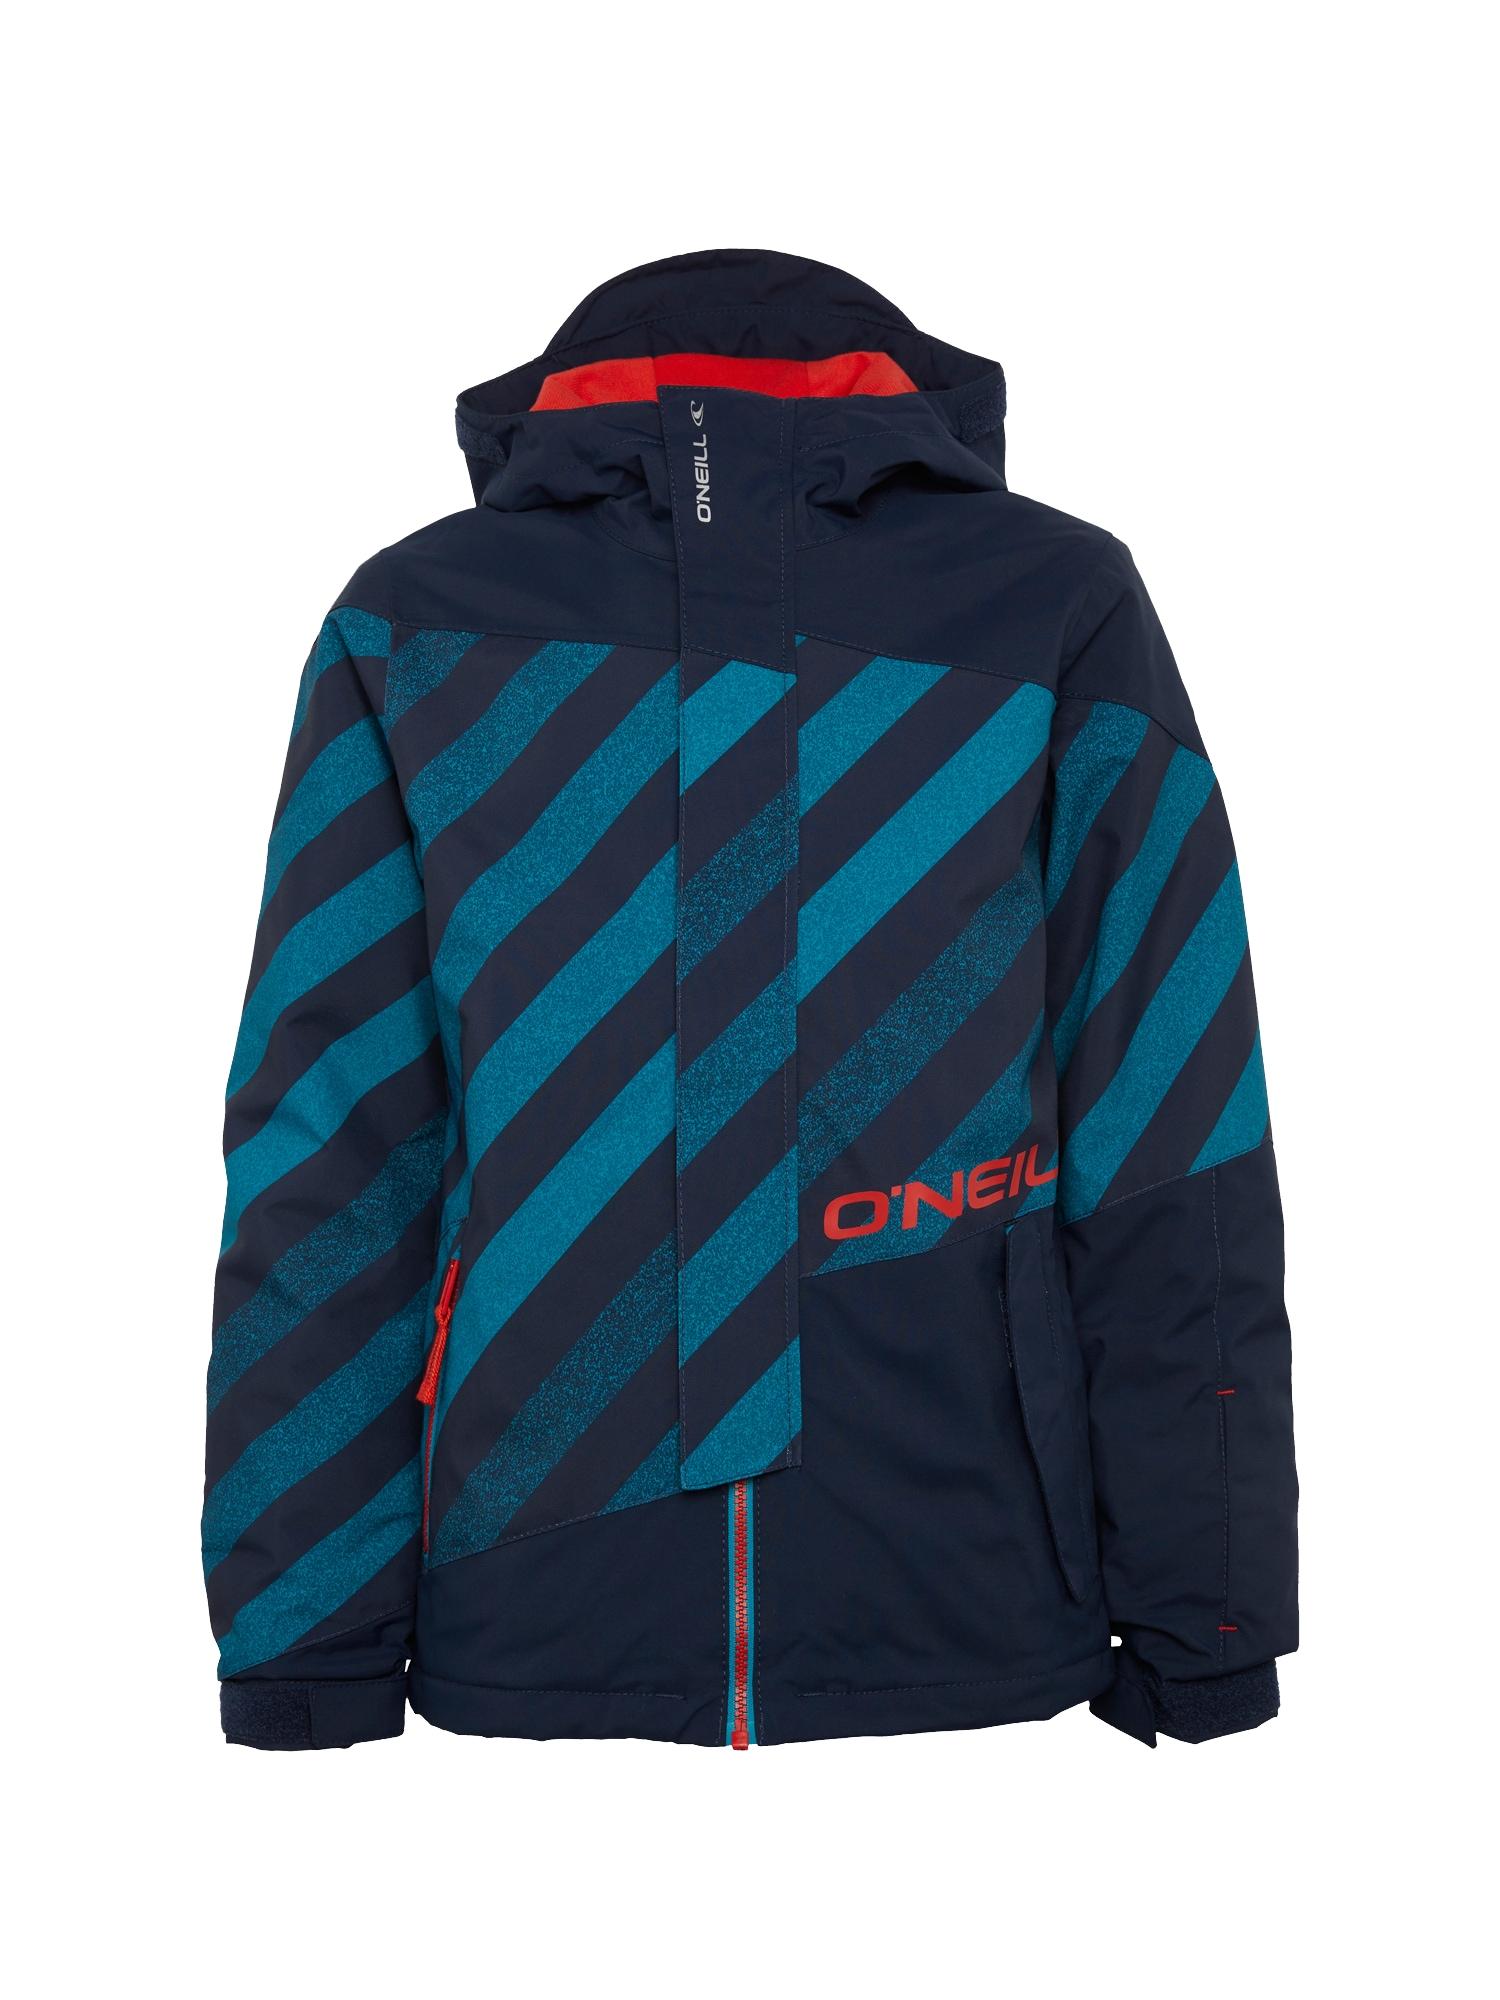 ONEILL Sportovní bunda Thunder Peak nebeská modř tmavě modrá O'NEILL